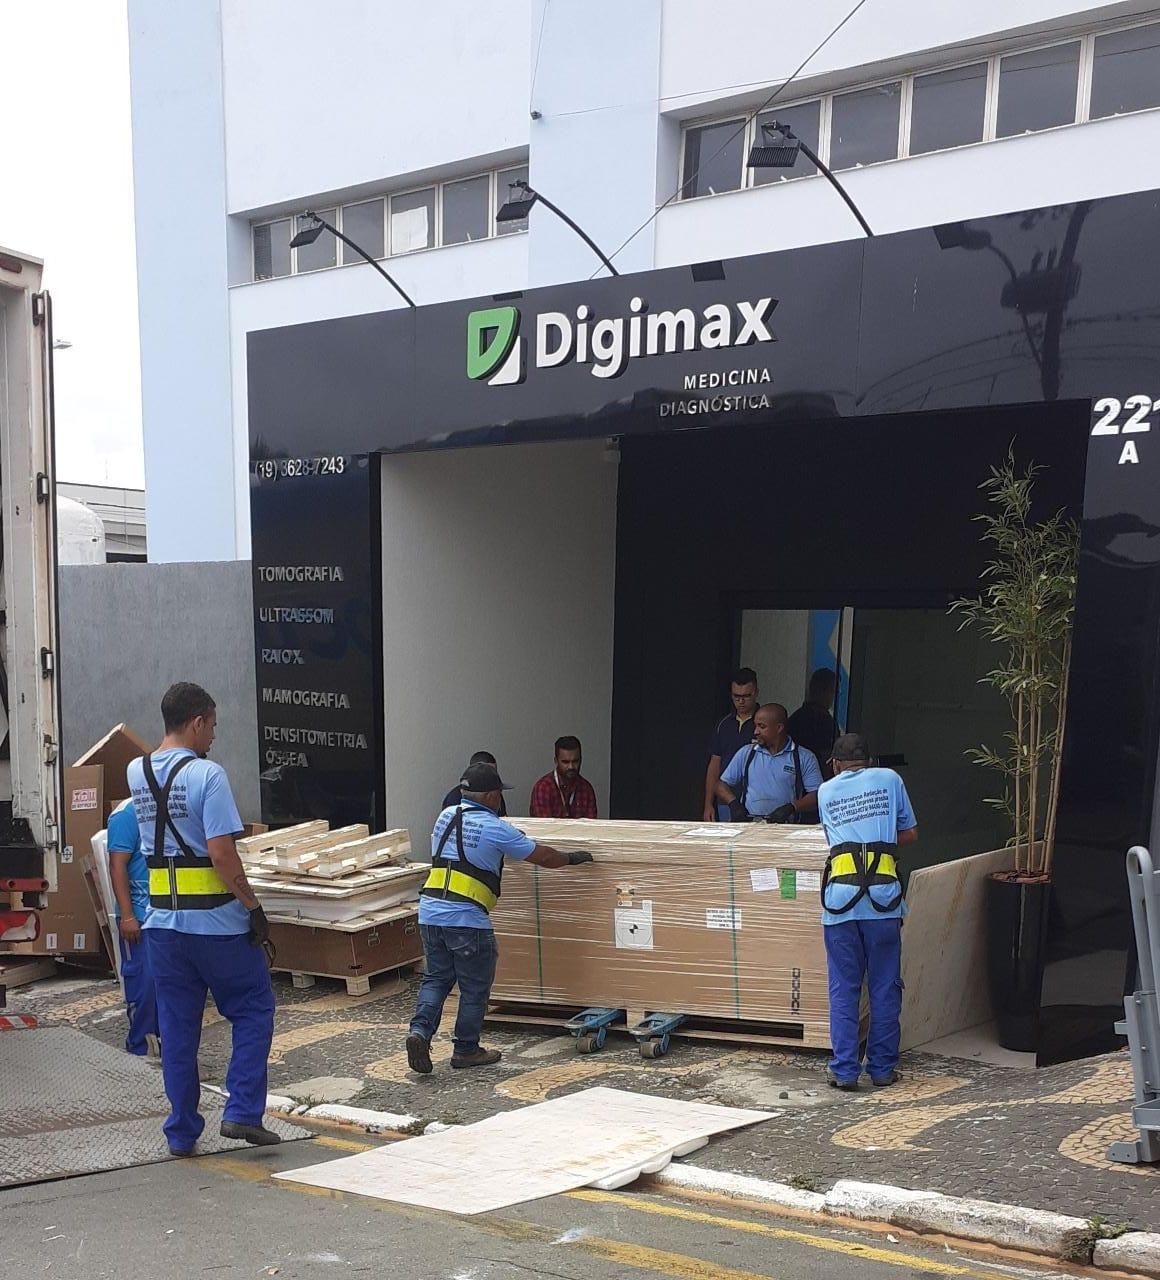 Digimax Santa Bárbara d'Oeste (SP) recebe novo aparelho de tomografia